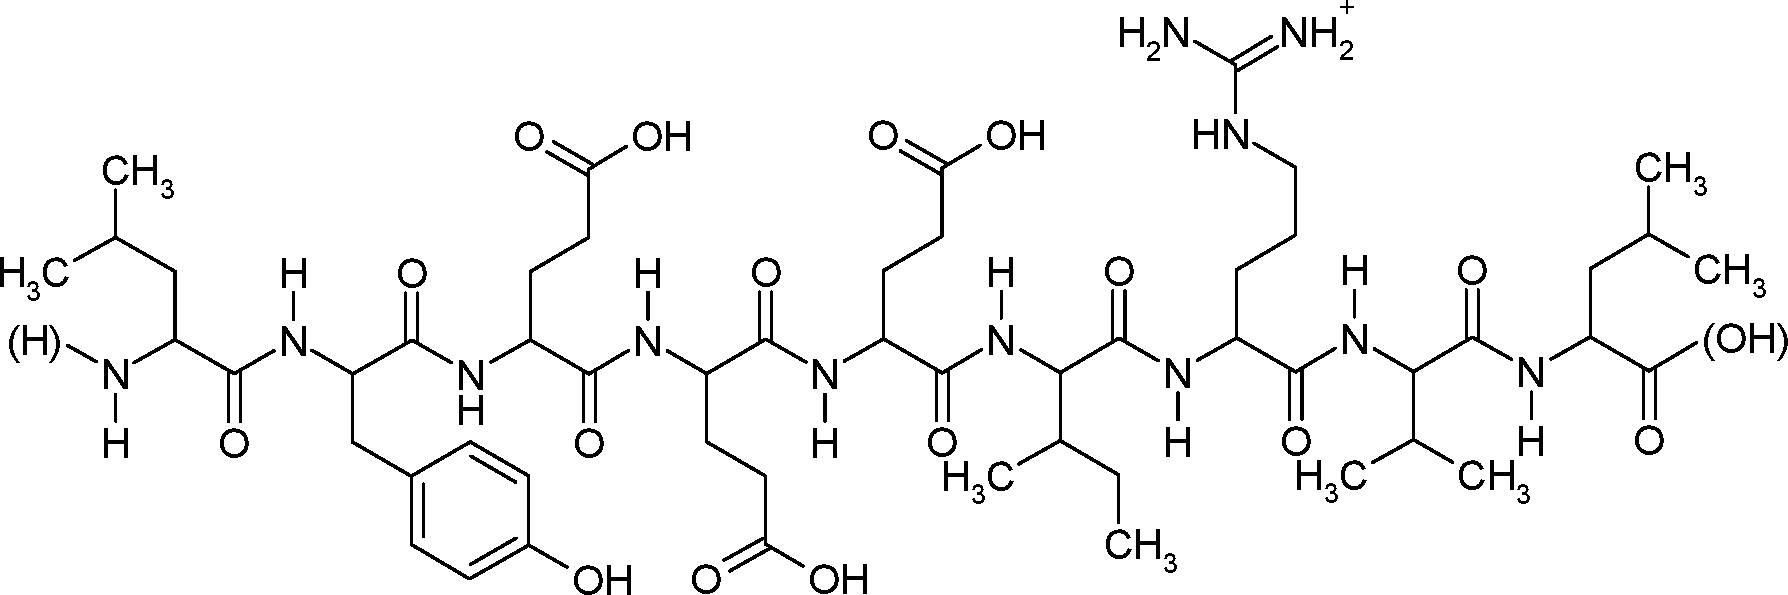 Figure DE102015223847A1_0020